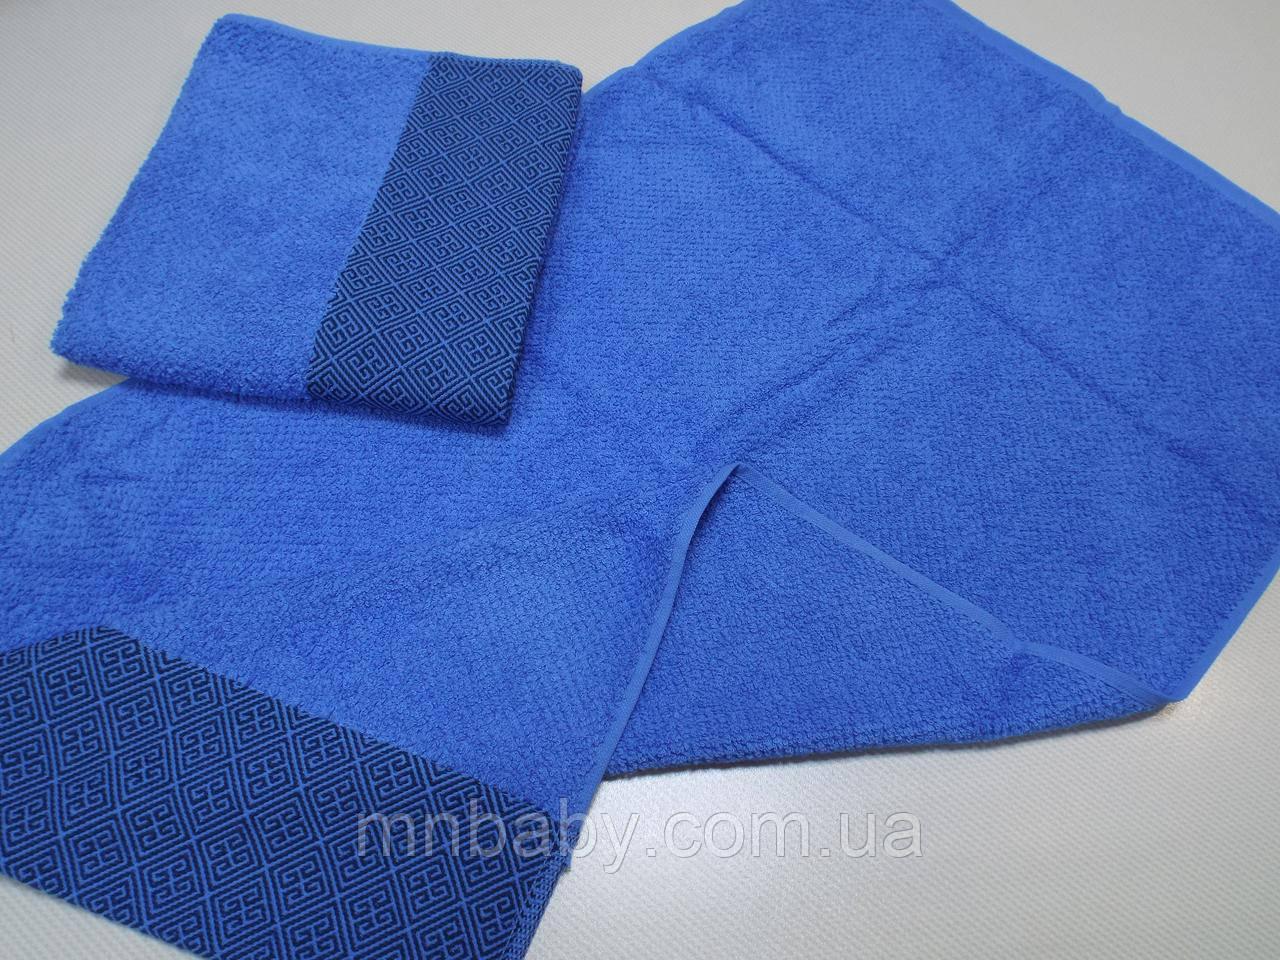 Полотенце махровое 50*90 см синее